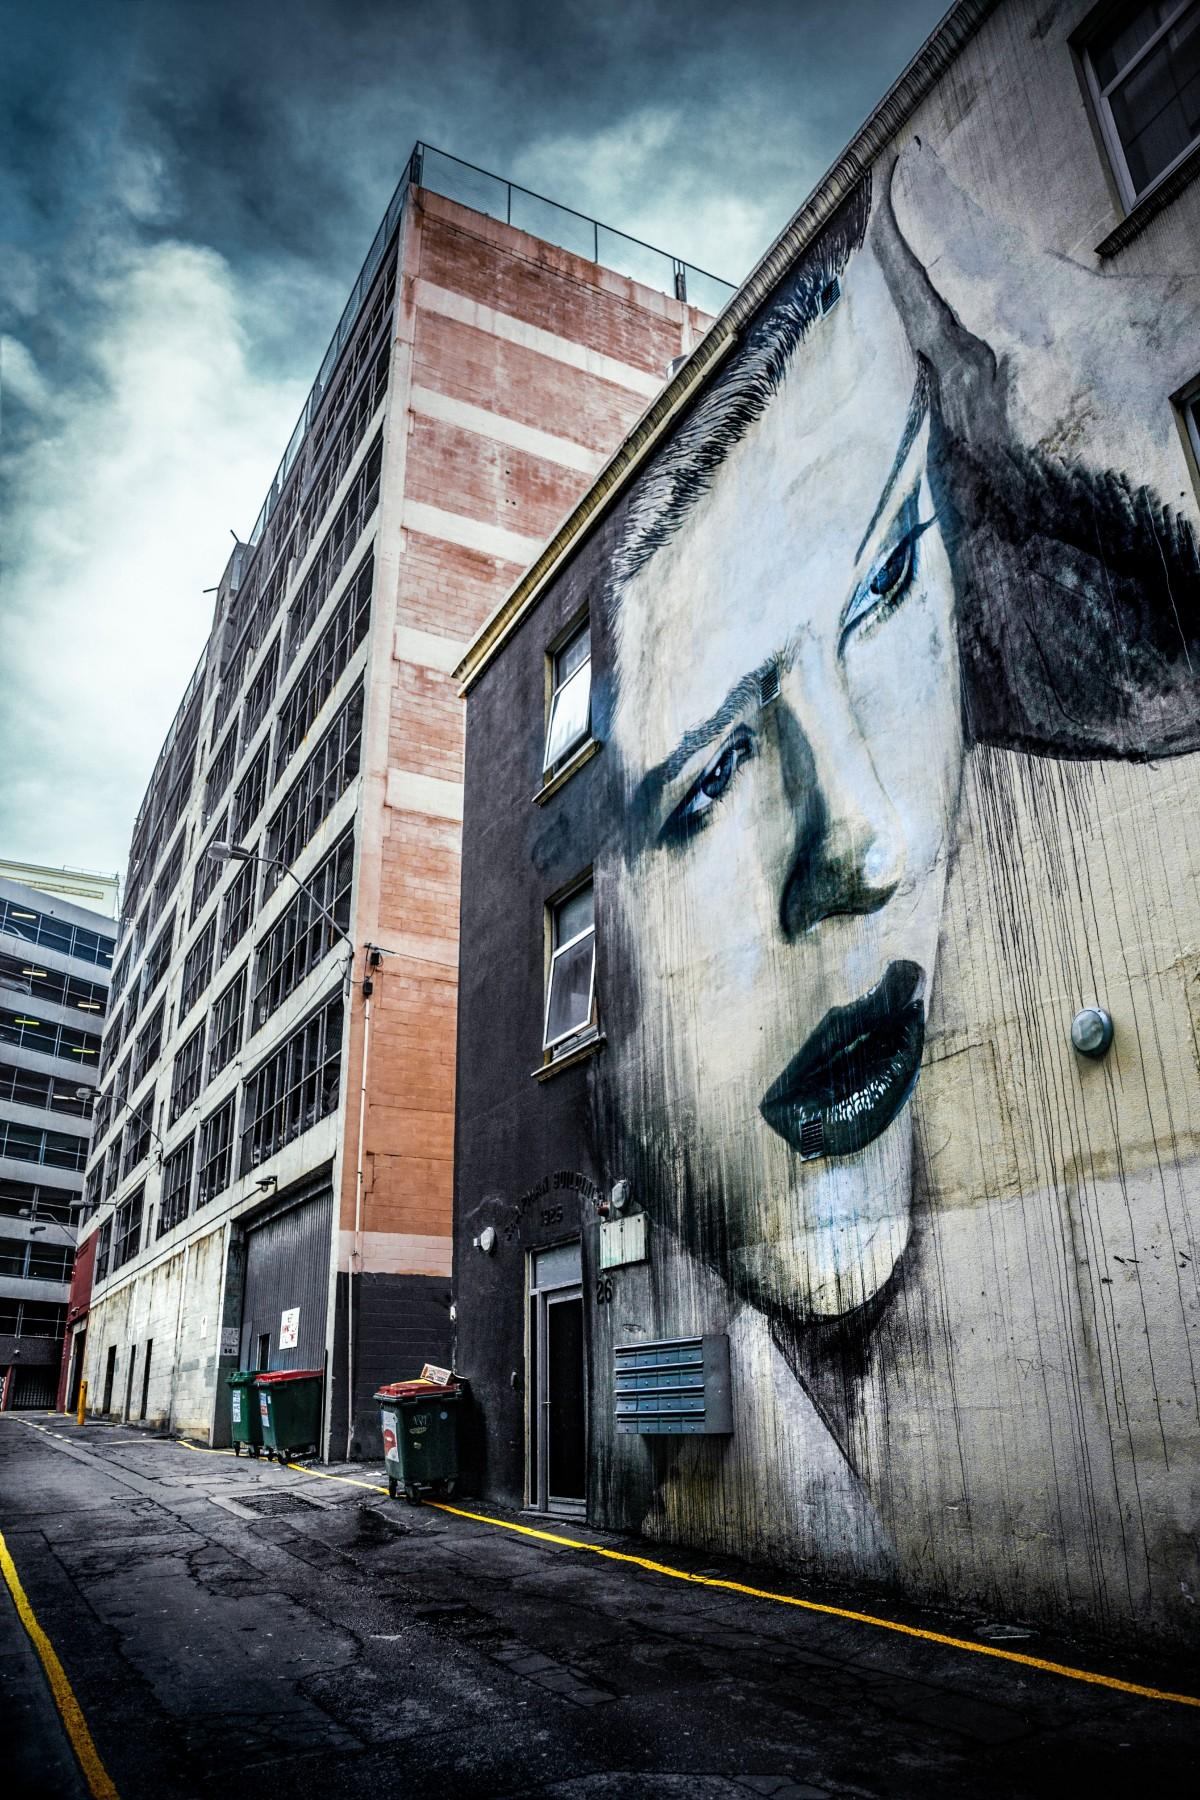 road, street, city, wall, graffiti, street art